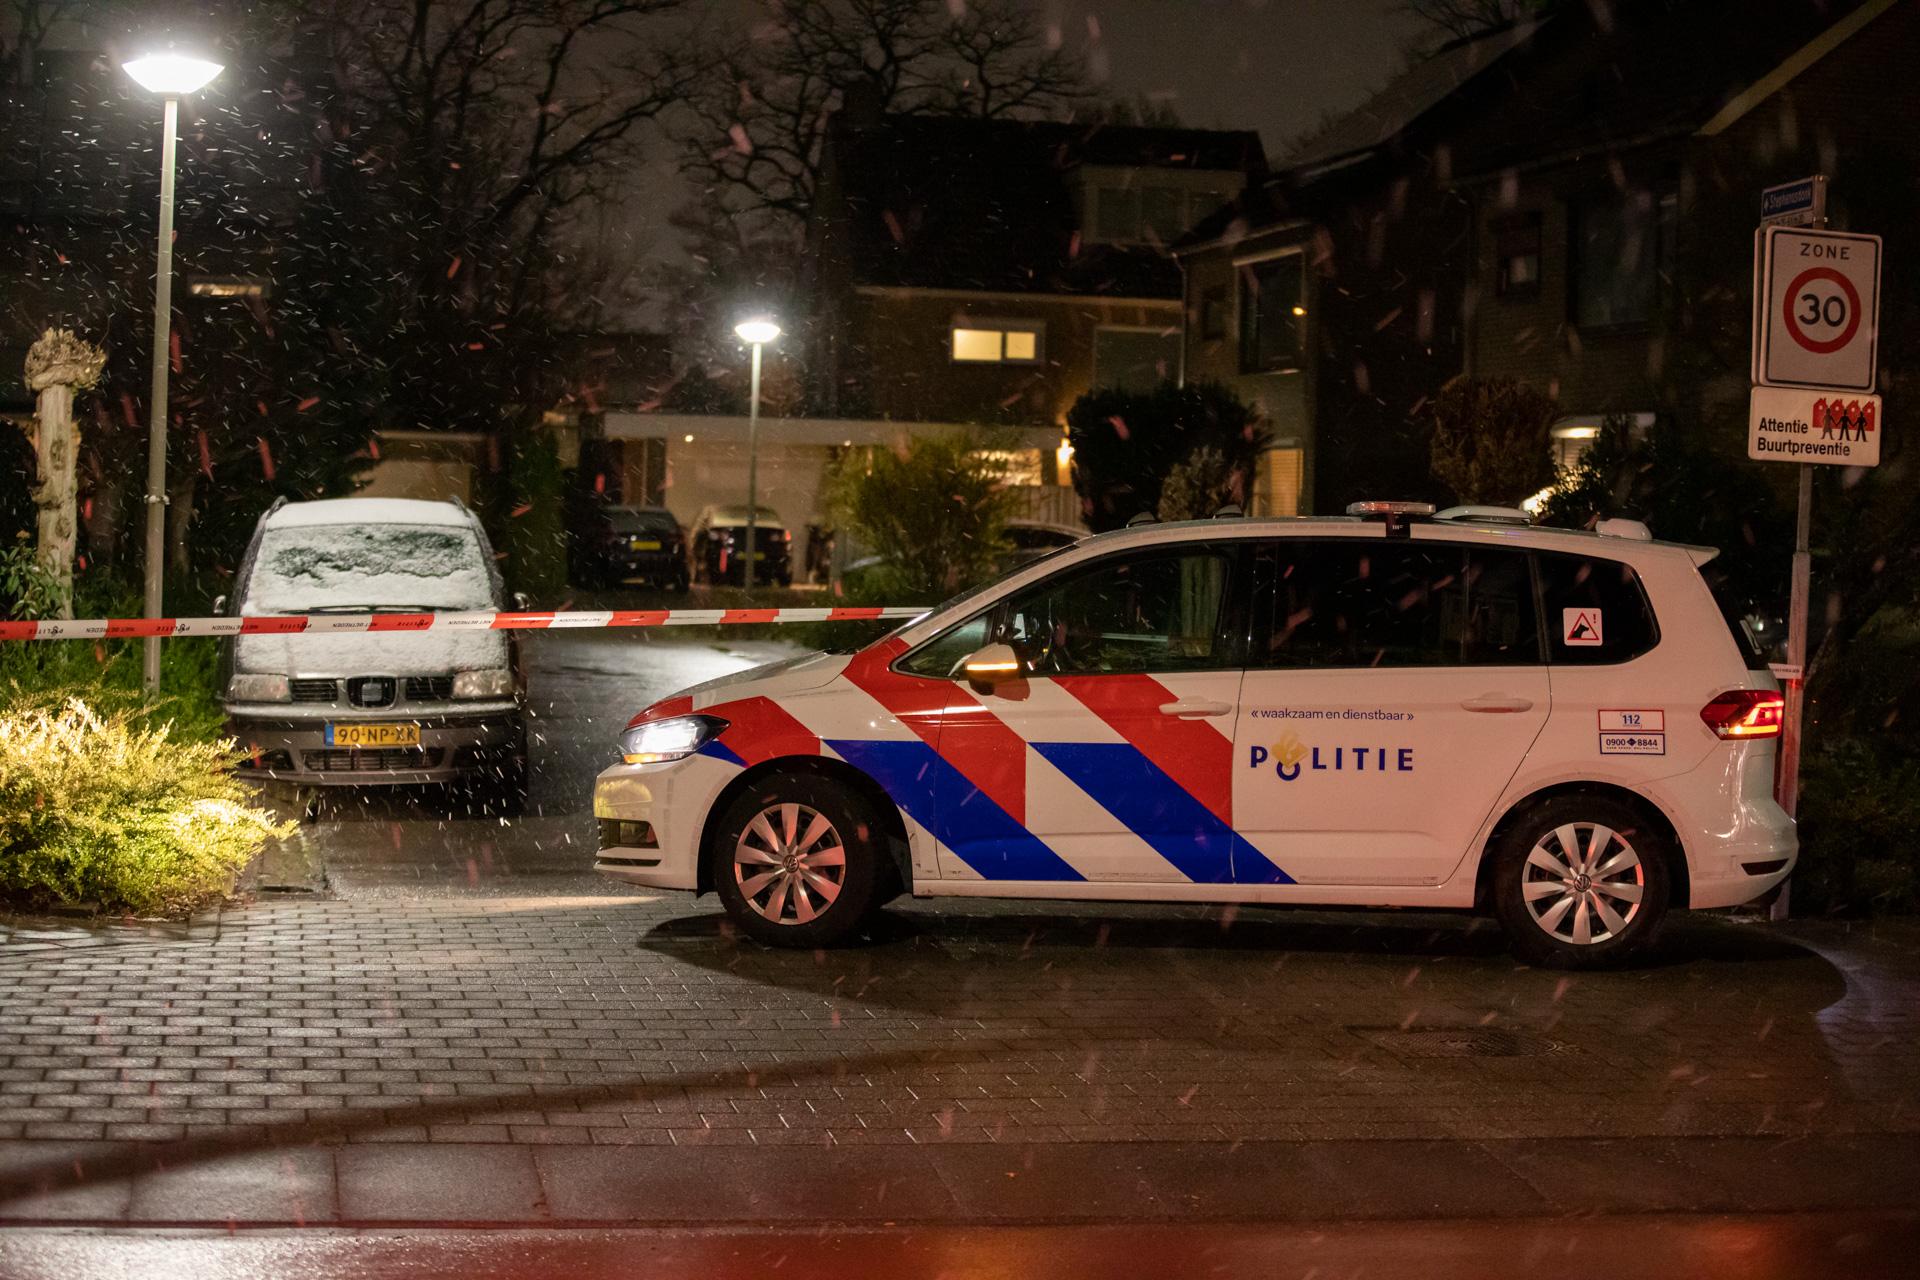 Explosief aangetroffen bij woning, politie doet onderzoek